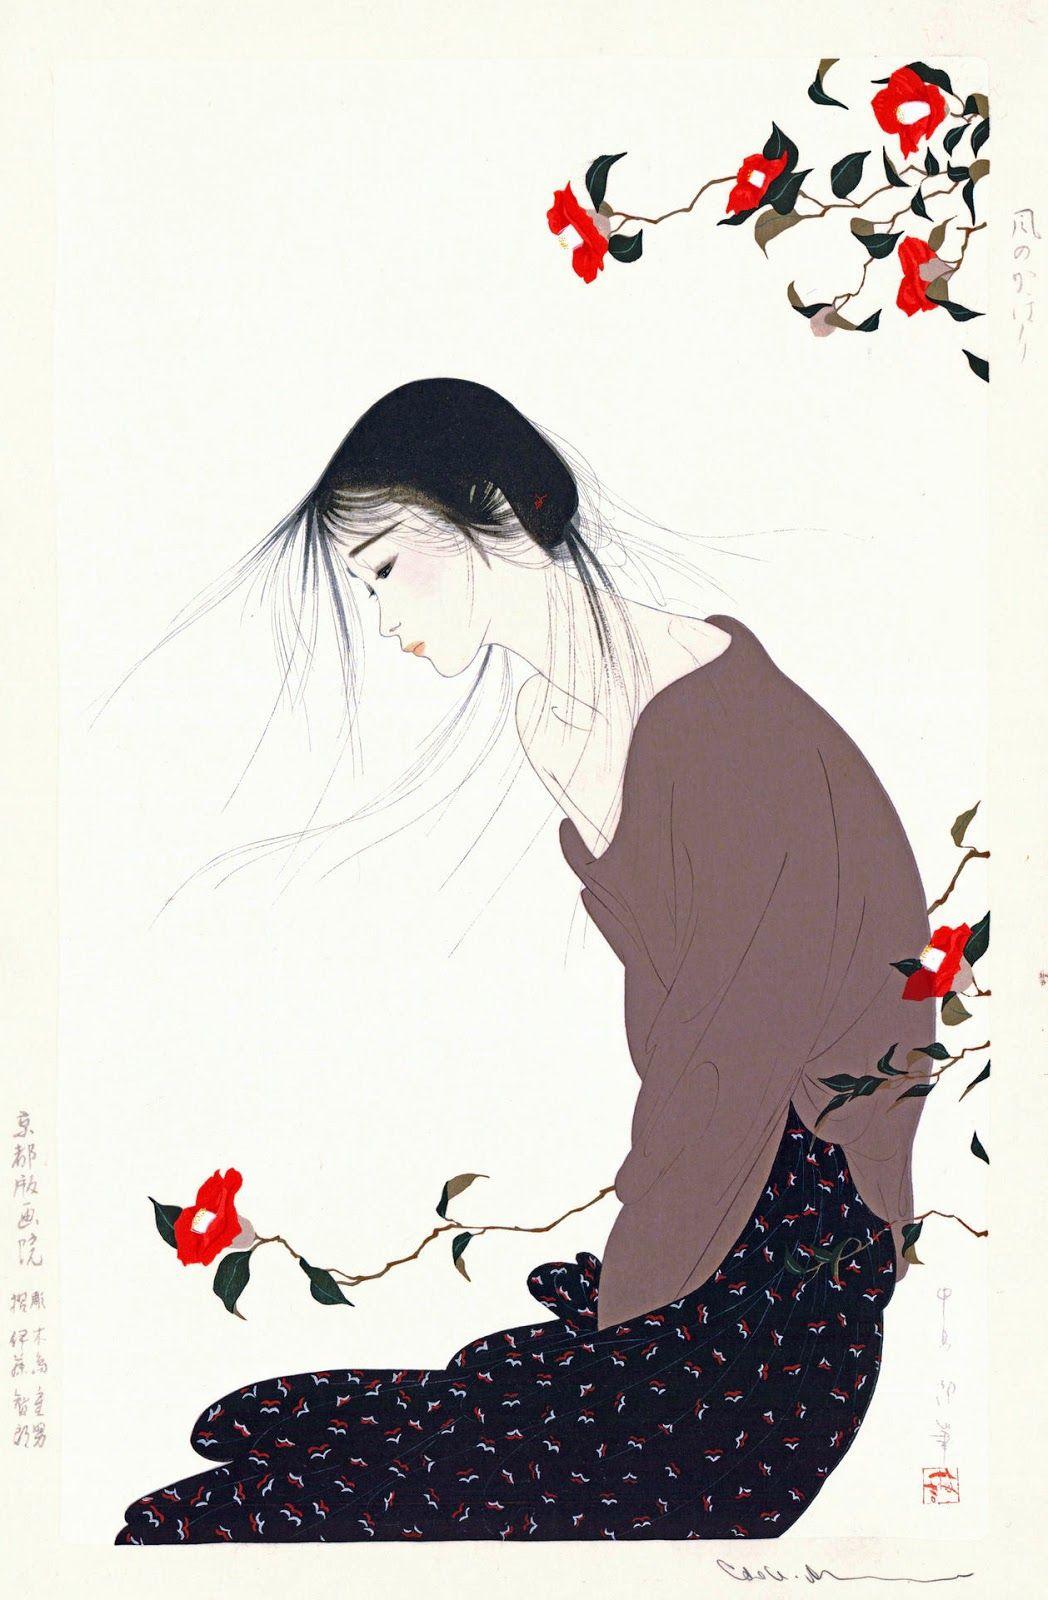 中島 潔(Nakajima Kiyoshi)...3